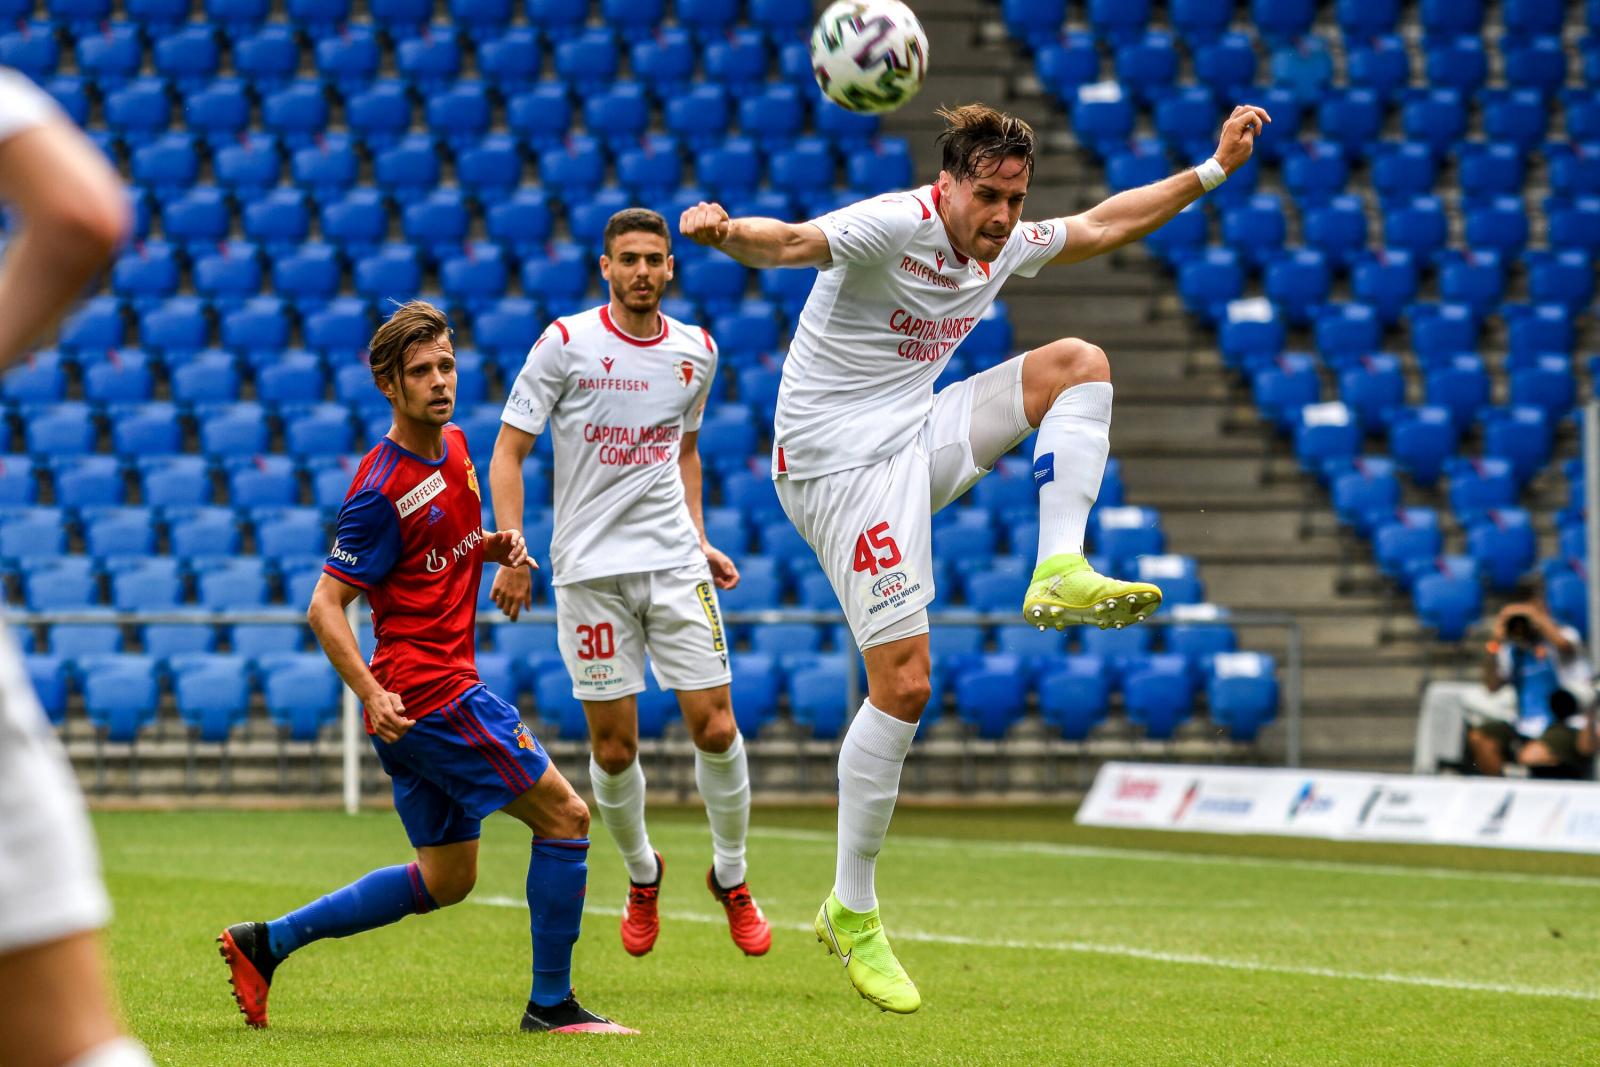 «Сьон» - «Люцерн»: прогноз на матч чемпионата Швейцарии